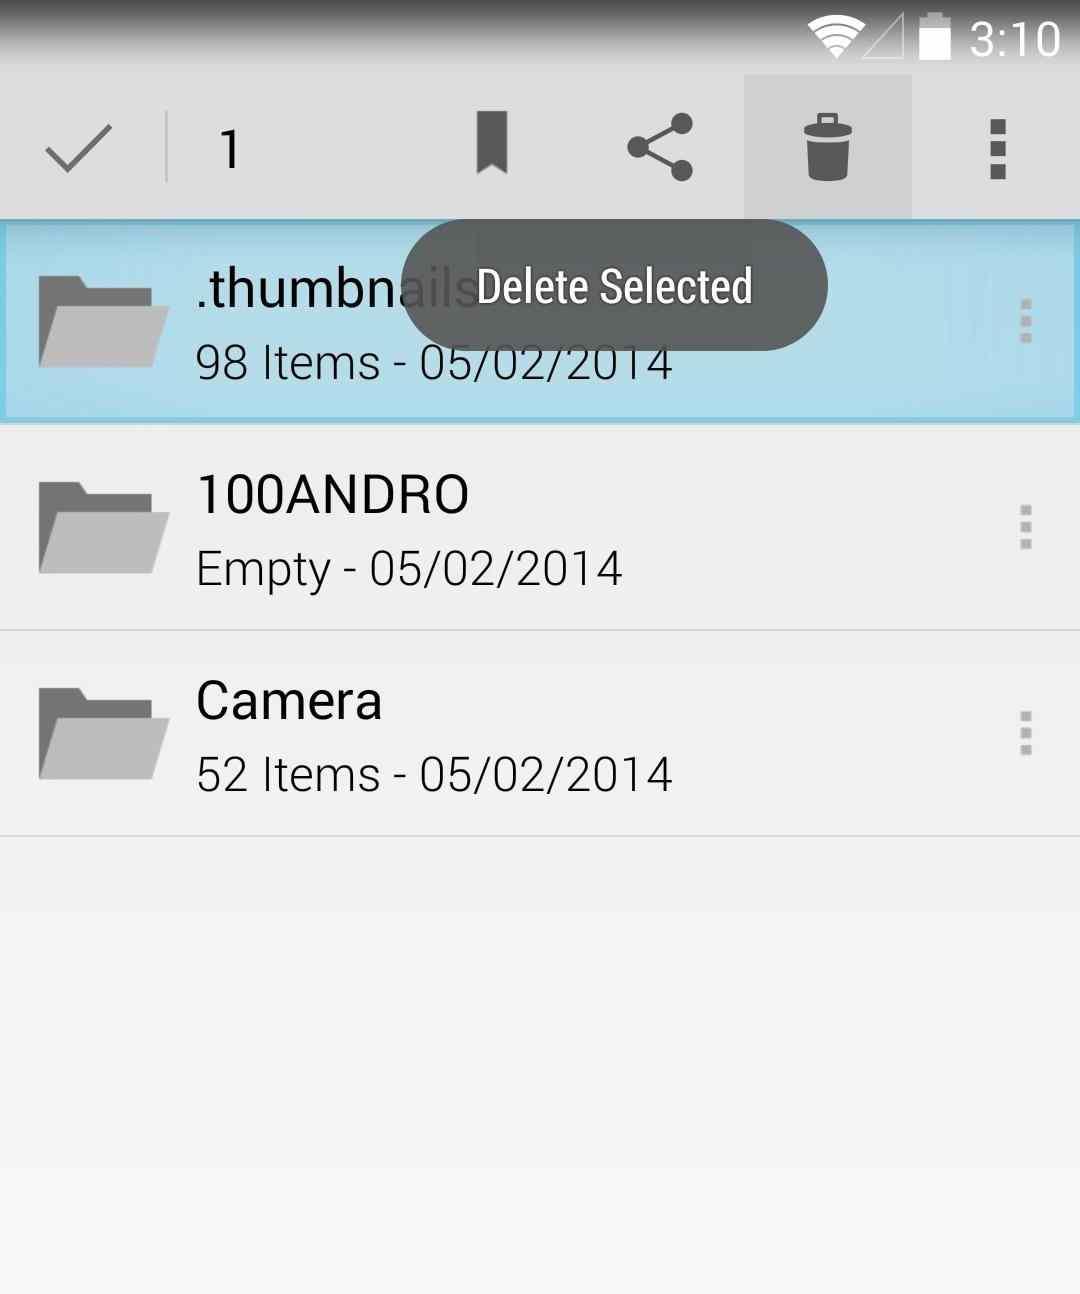 efek jika menghapus folder thumbnails di android